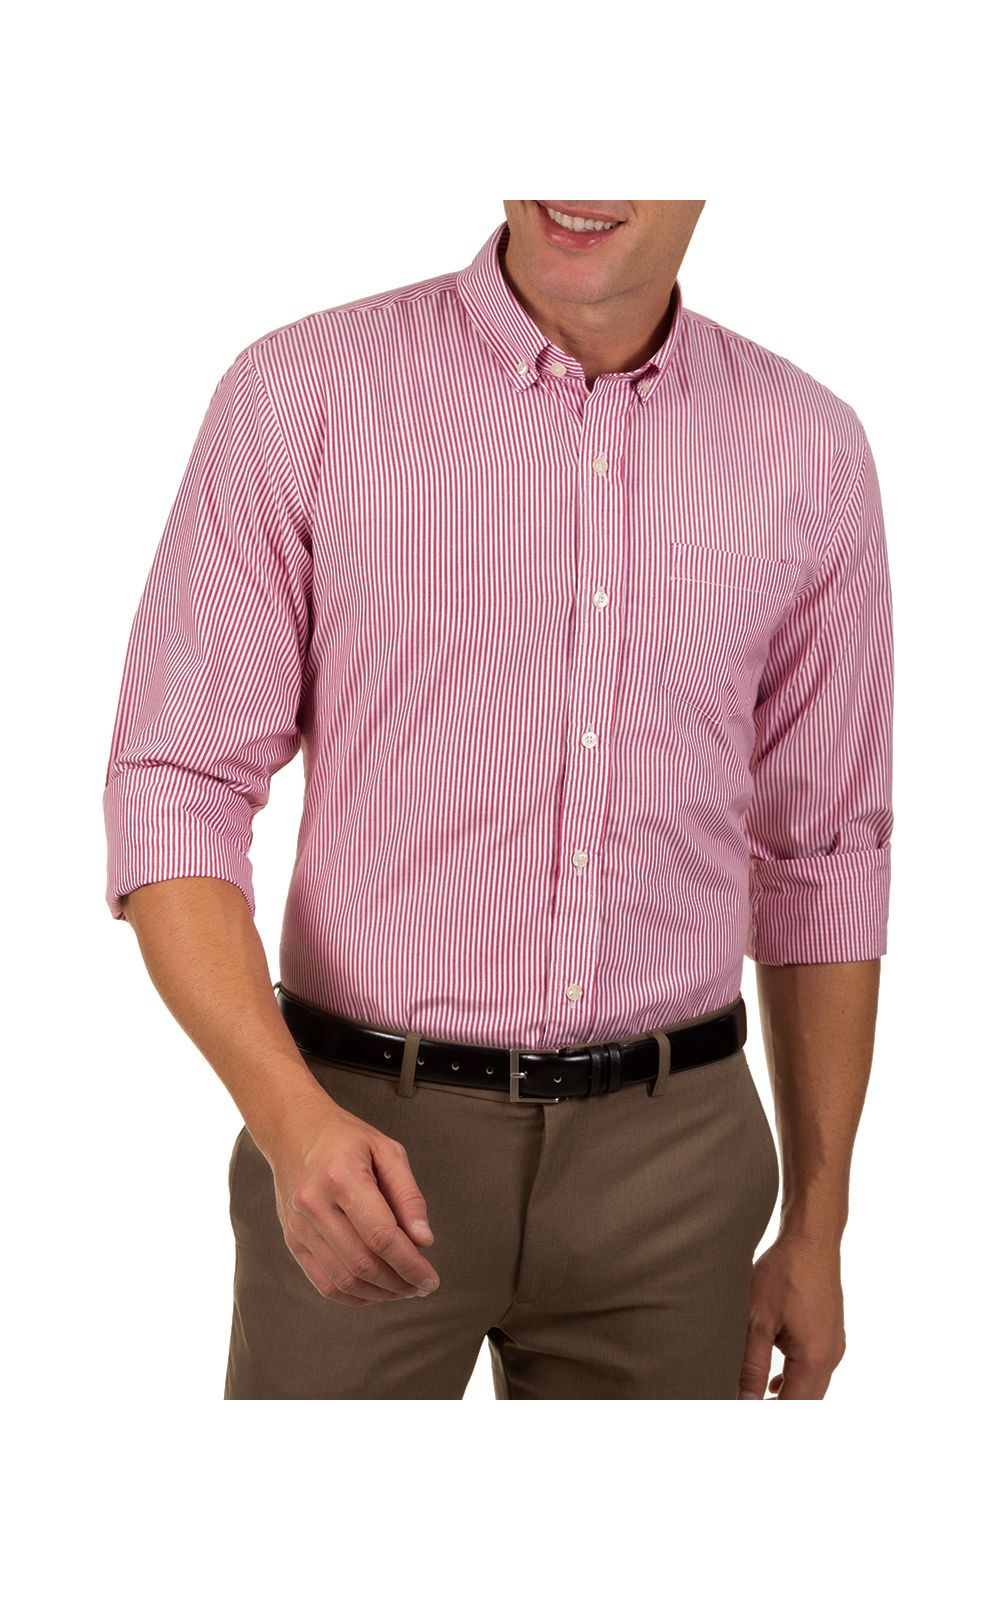 Foto 1 - Camisa Social Masculina Vermelho Listrada